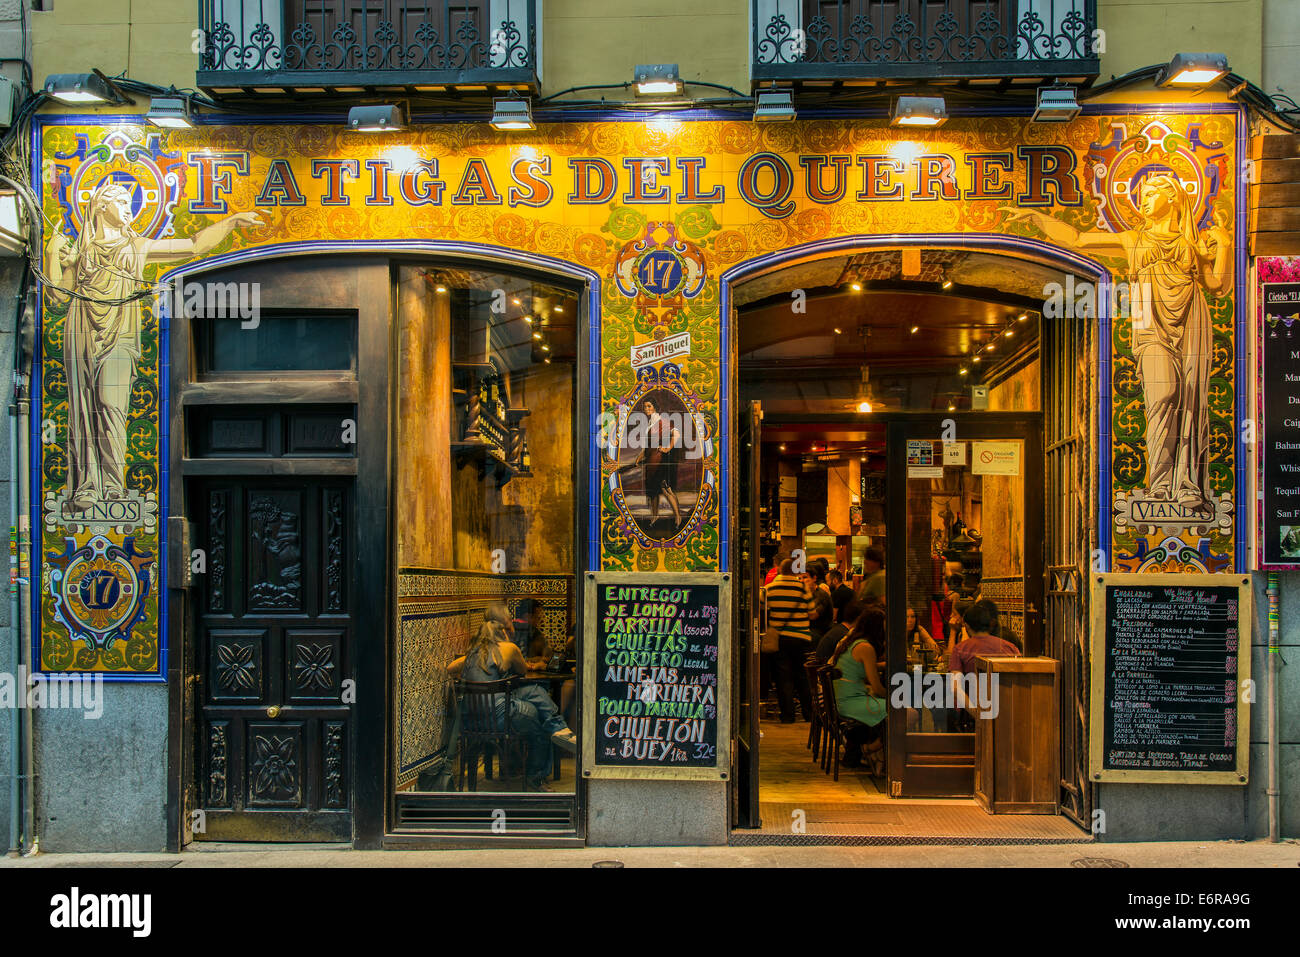 Notte vista esterna di un bar ristorante in Calle de la Cruz, Madrid, Comunidad de Madrid, Spagna Immagini Stock